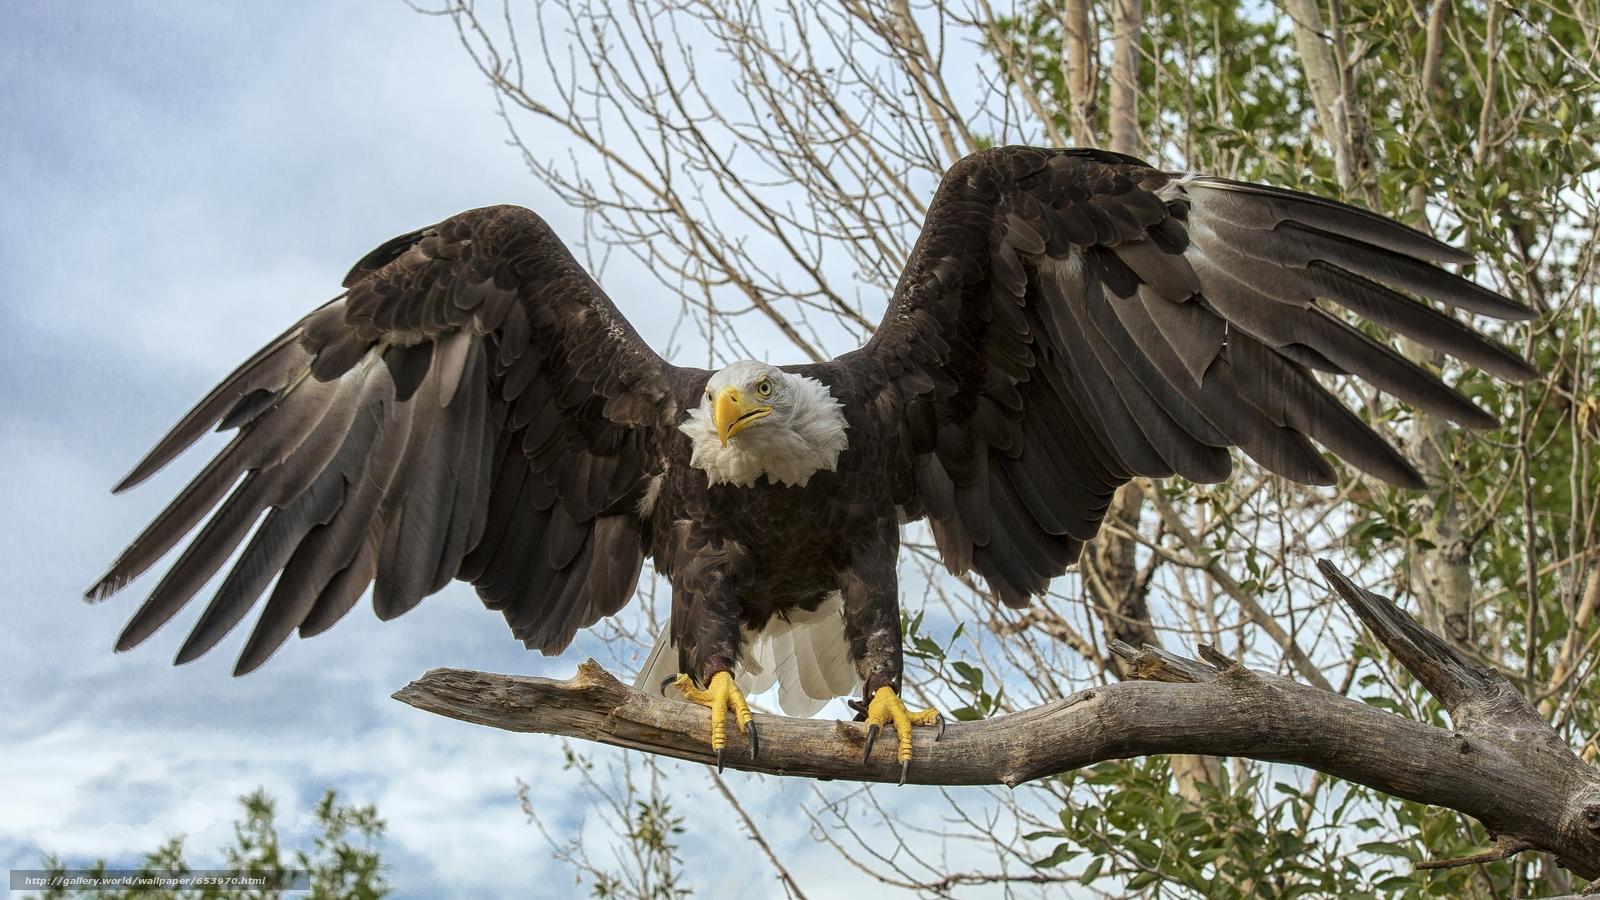 Скачать обои орёл,  птица,  хищник бесплатно для рабочего стола в разрешении 4895x2753 — картинка №653970